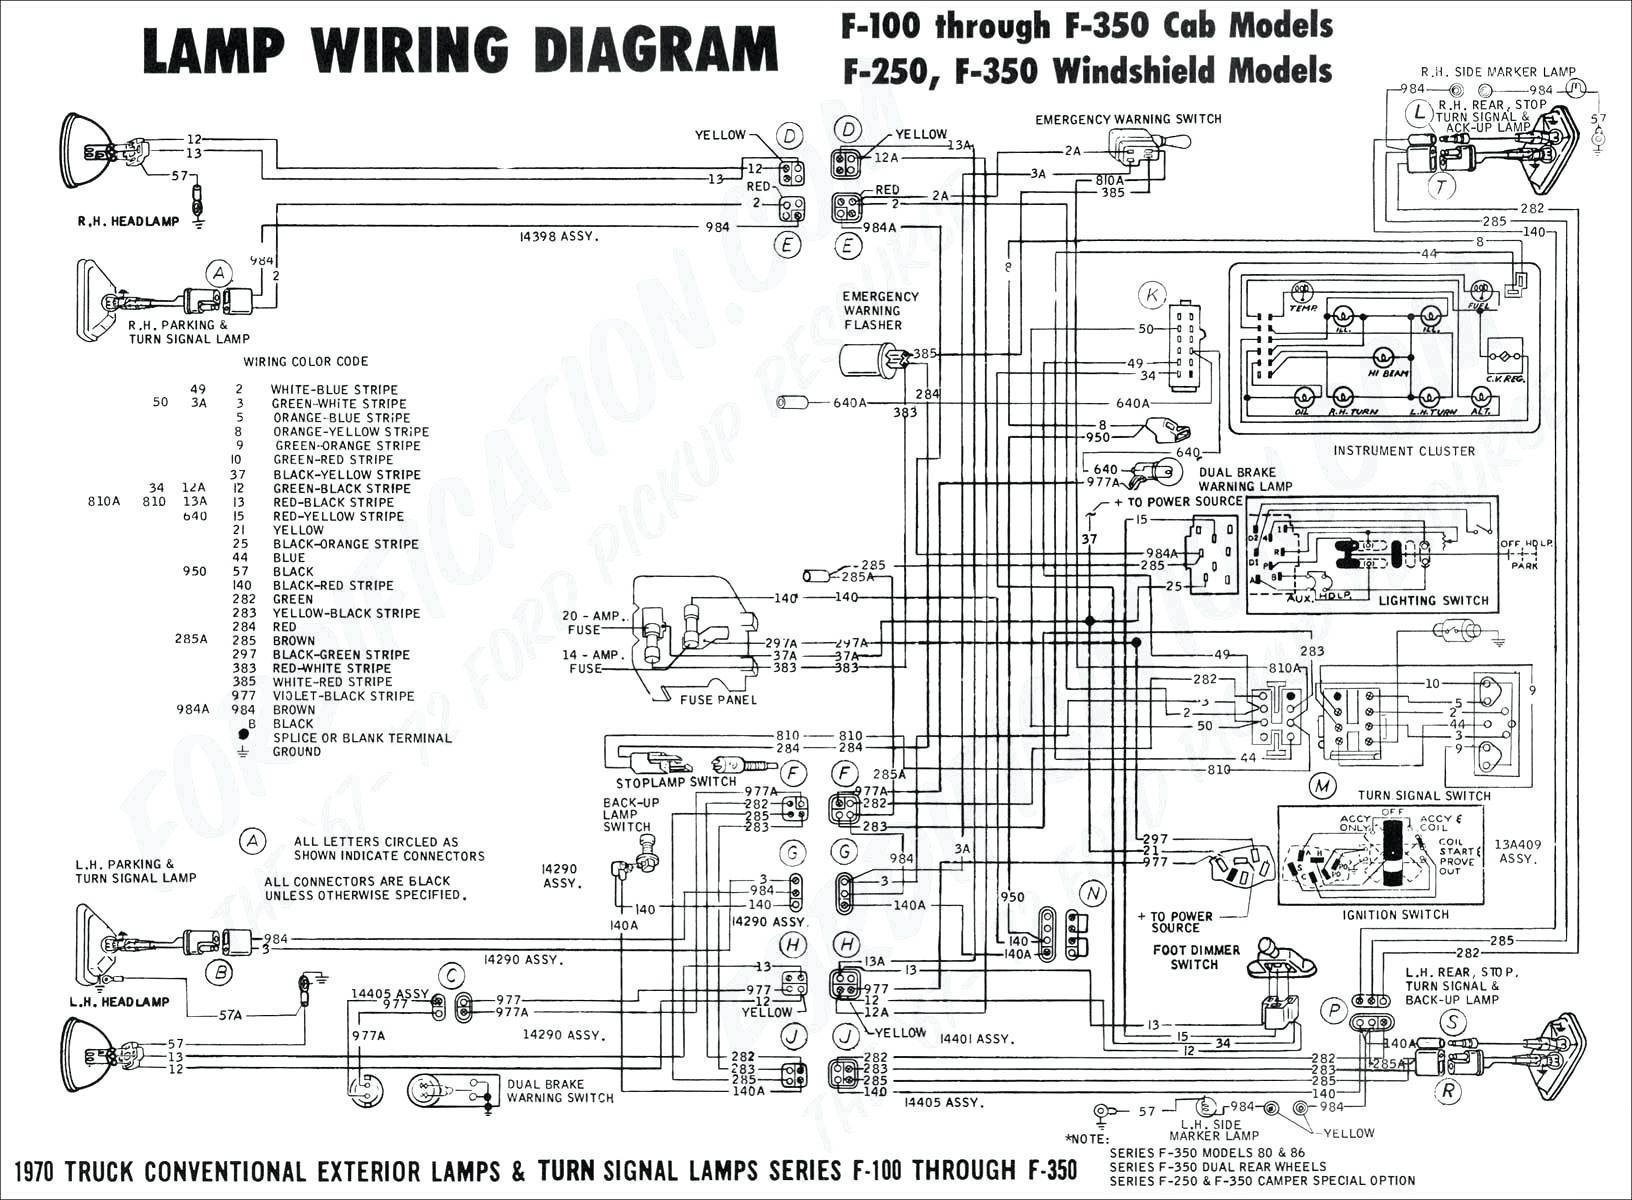 Trailer Brakes Wiring Diagram Best Wiring Diagram Caravan Electric Brakes New Wiring Diagram For